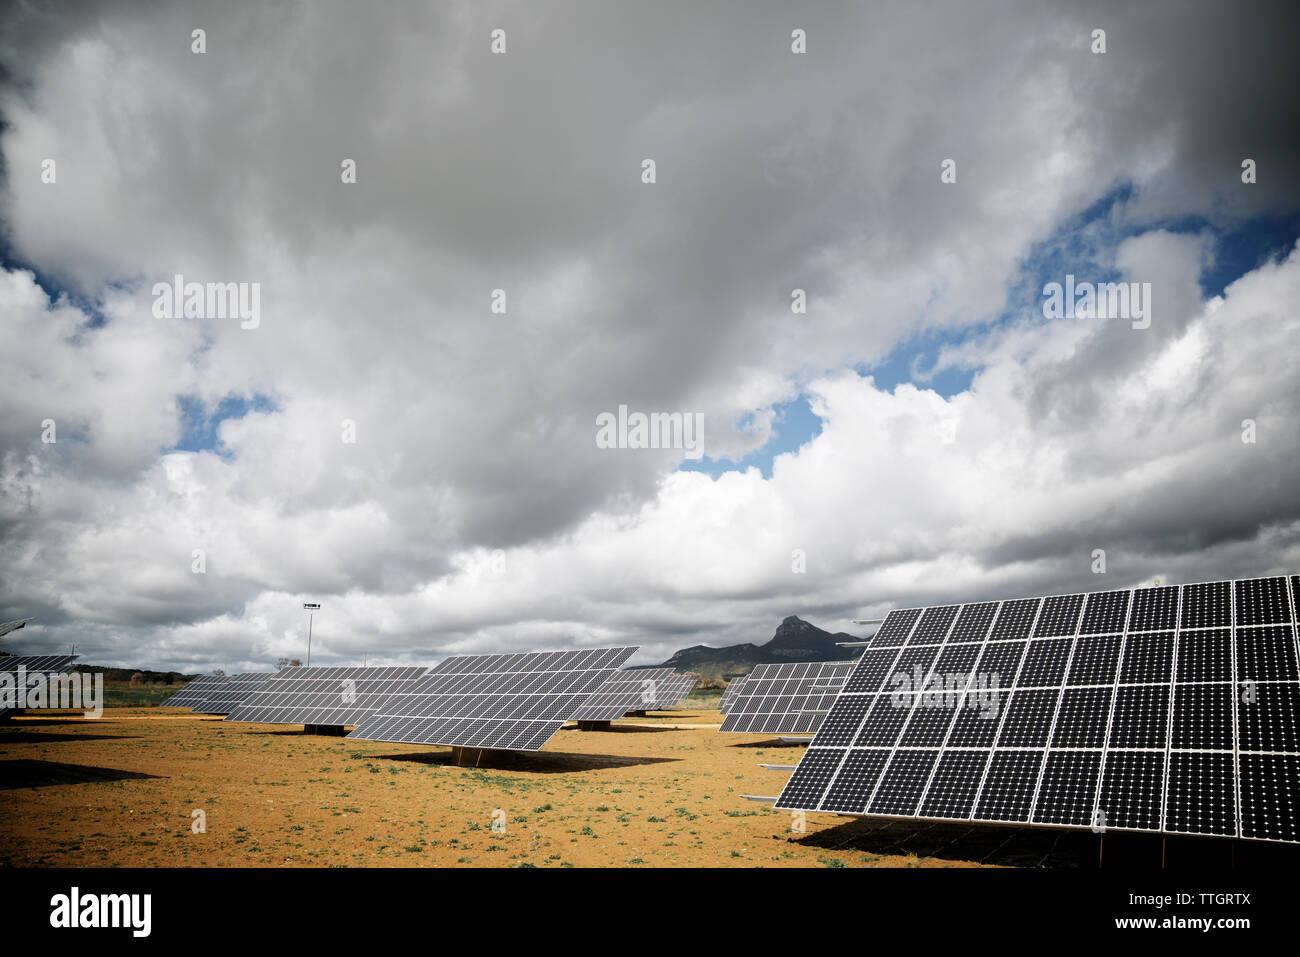 Paneles solares en el paisaje contra el cielo nublado Imagen De Stock